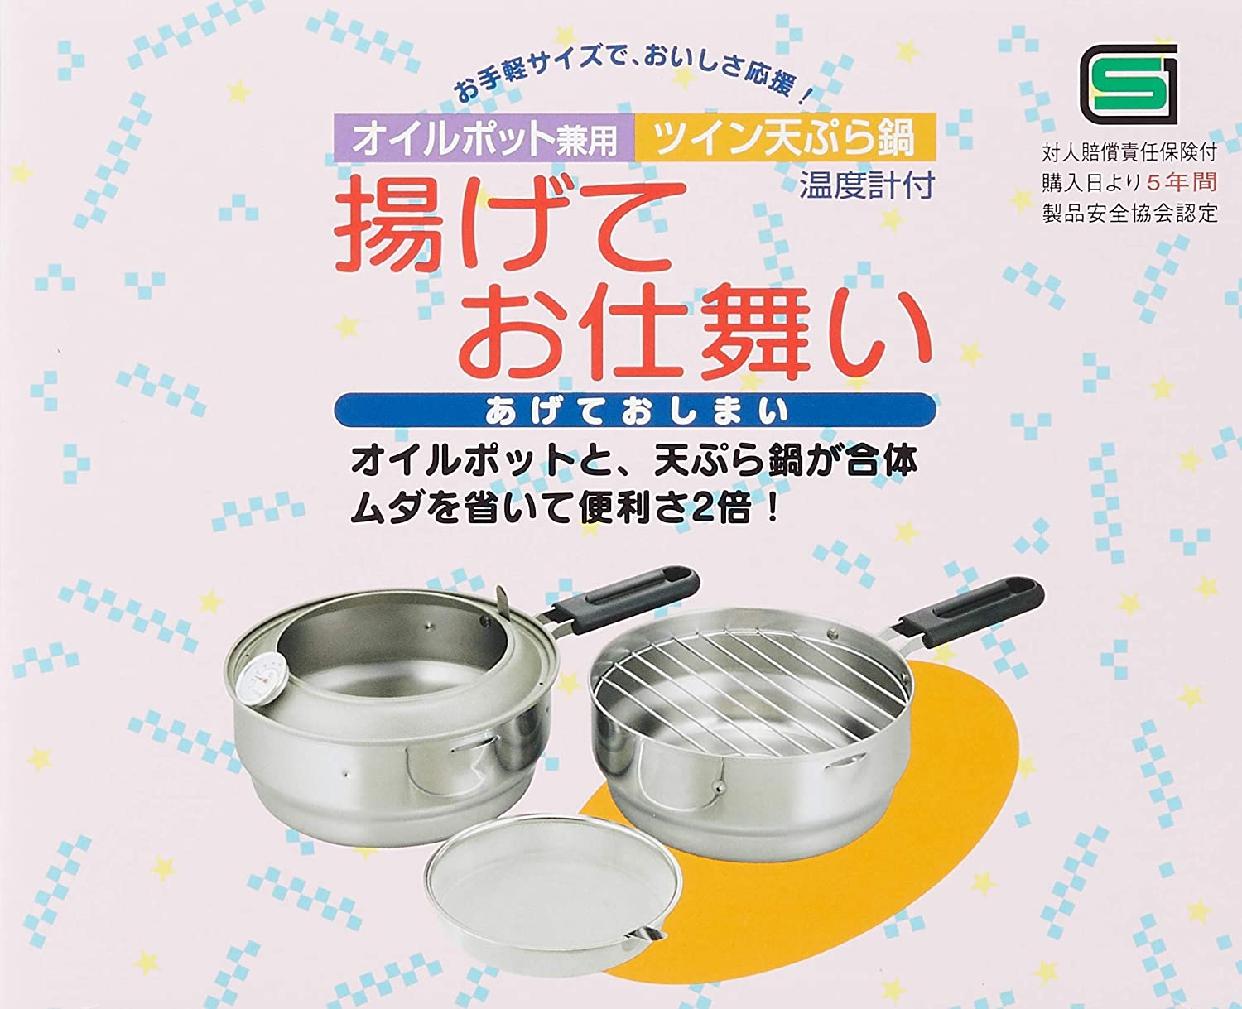 kakusee(カクセー)揚げてお仕舞い天ぷら鍋 シルバーの商品画像7